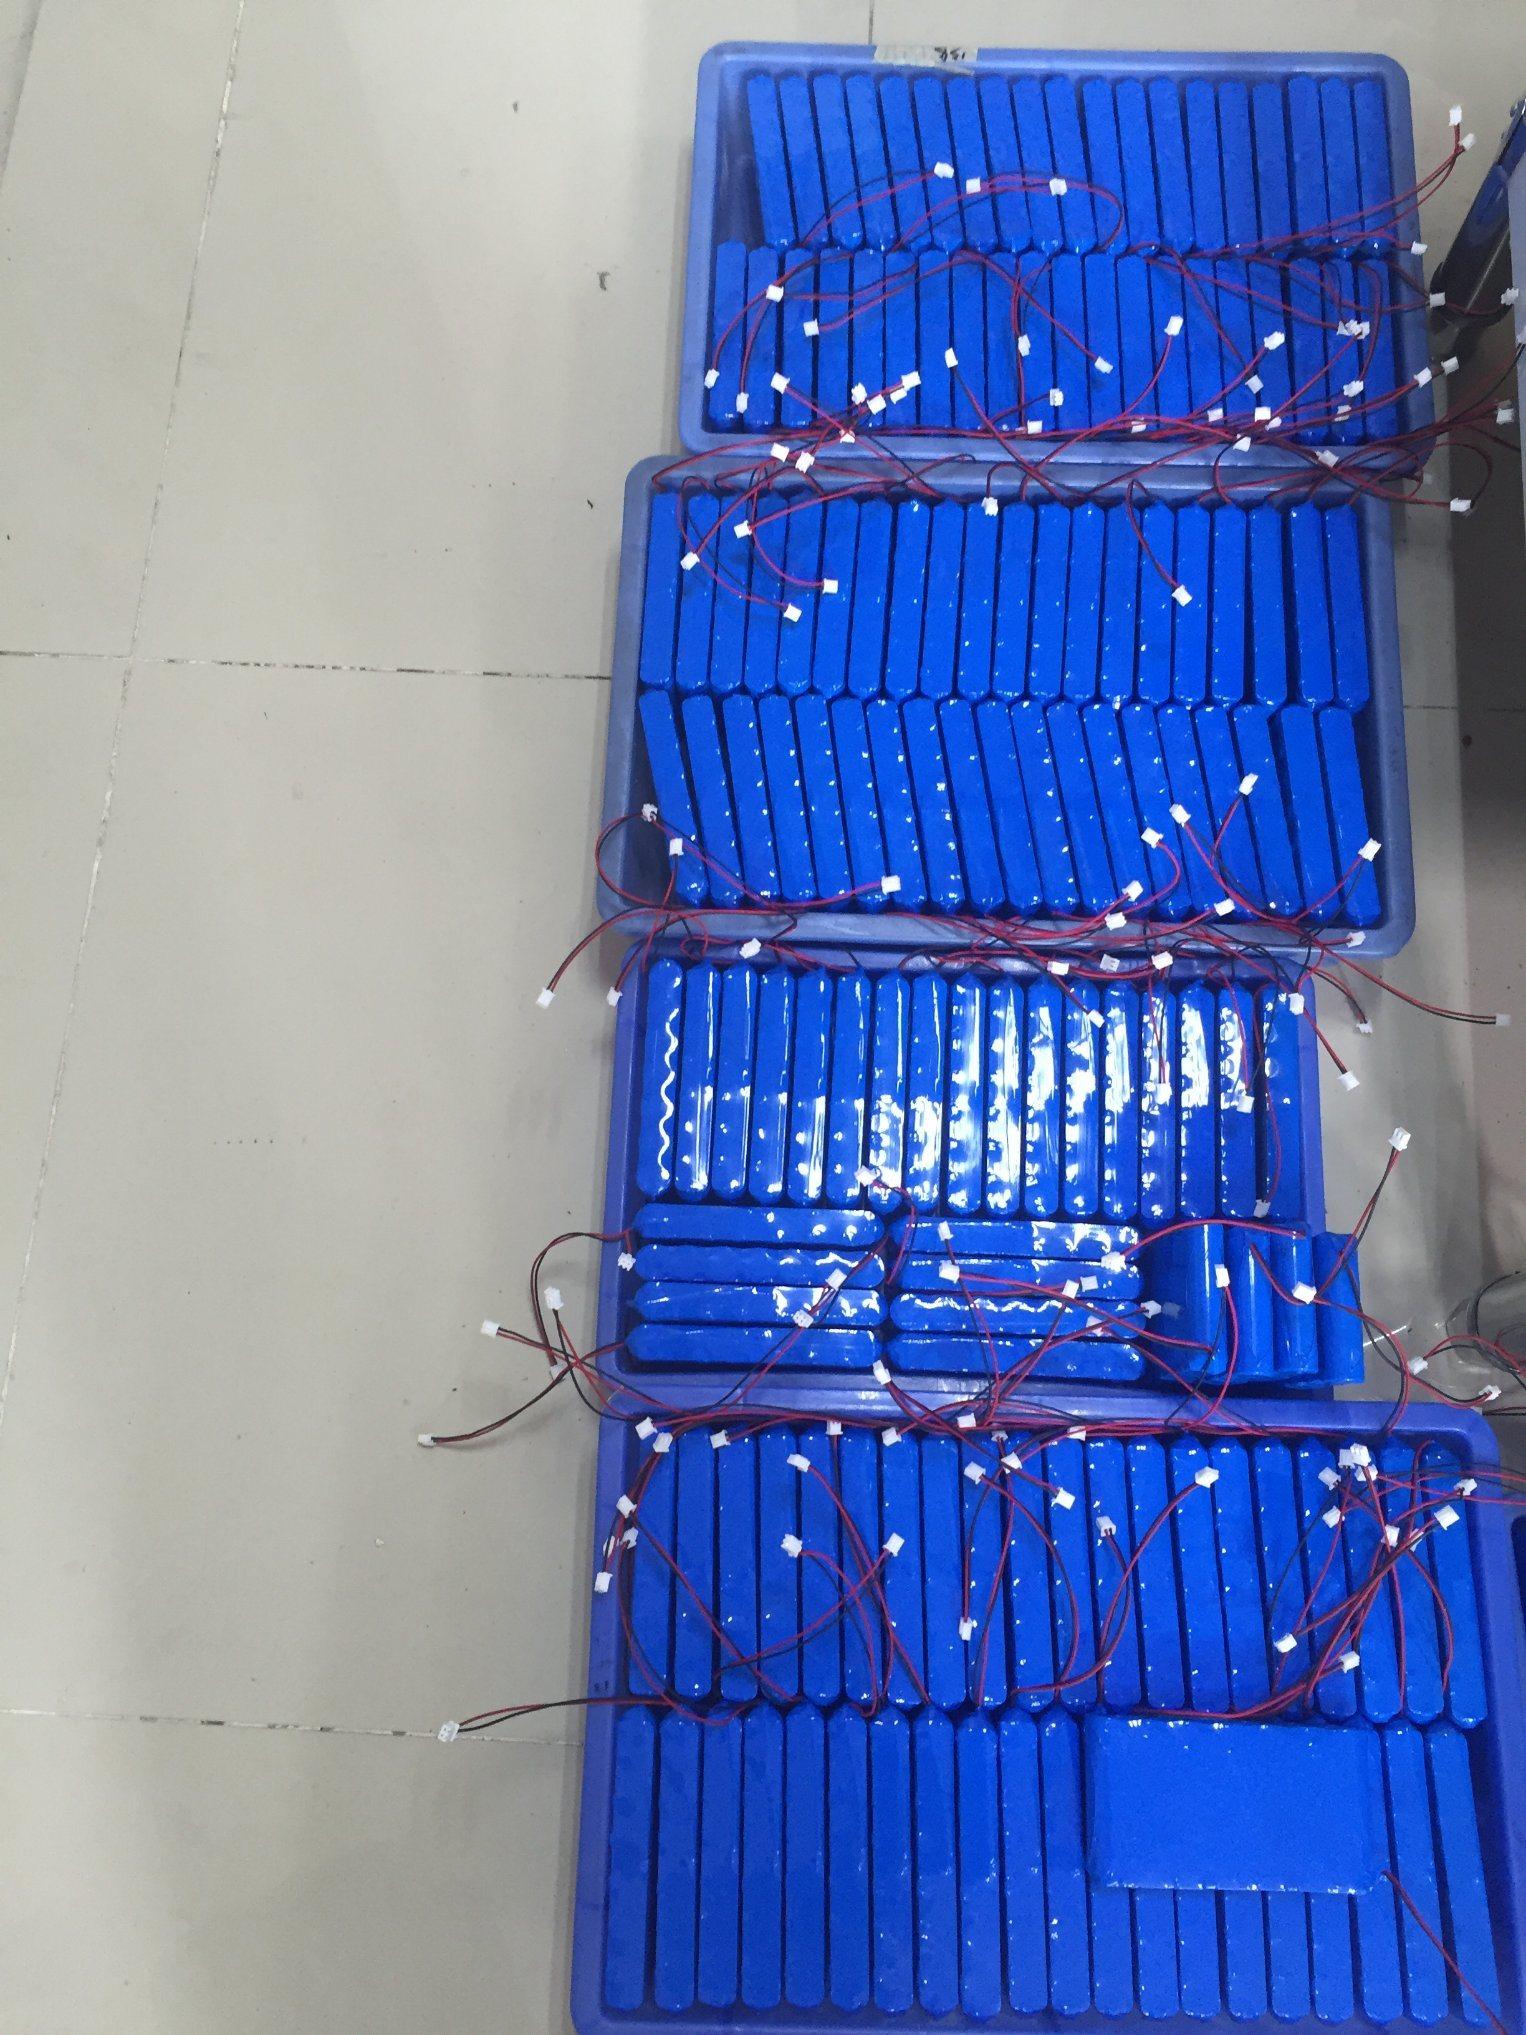 Baterias Recargables 12000 Mh 7s Lion Battery 18650 2600mAh